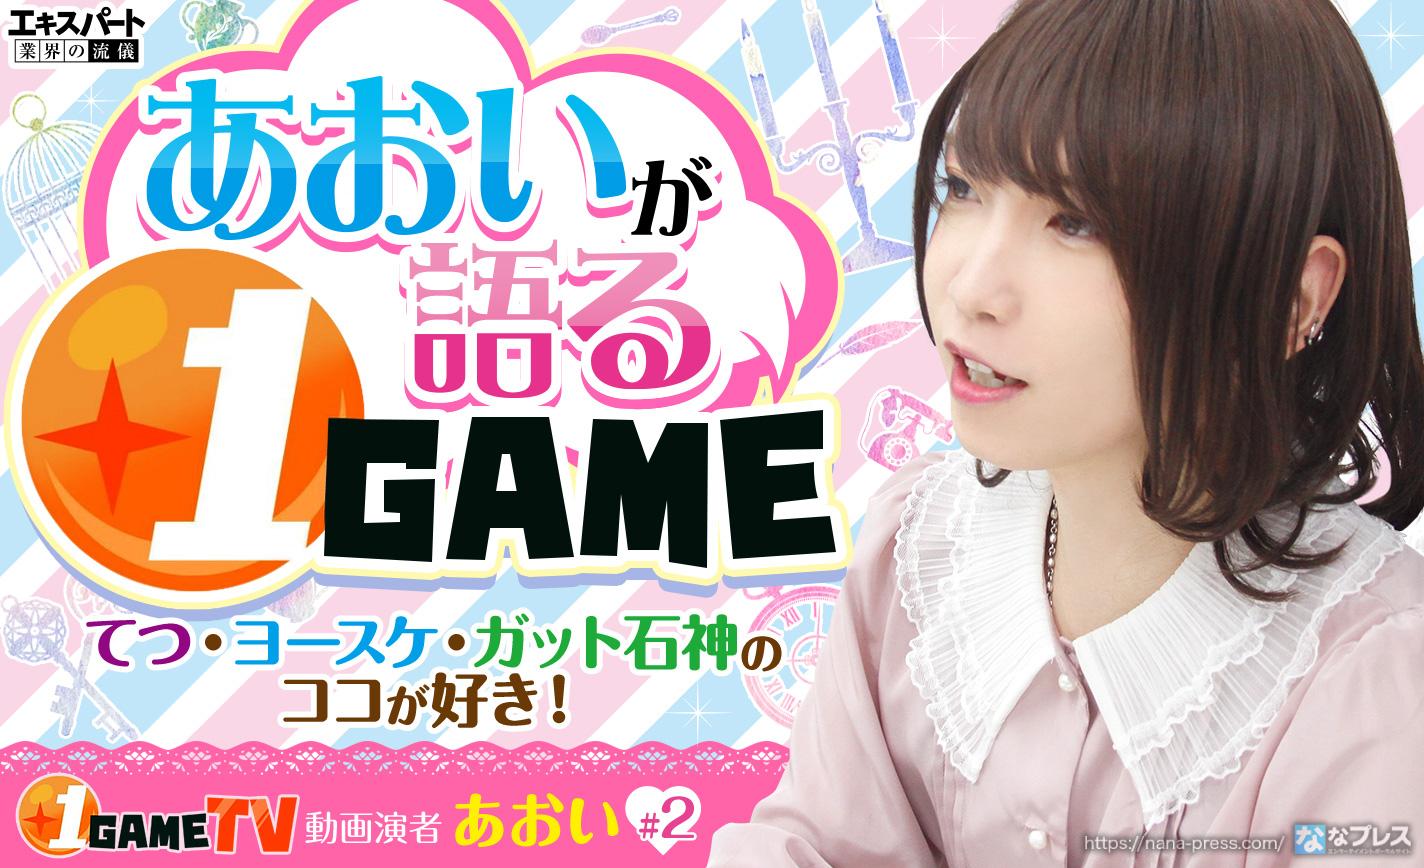 あおいが見た「1GAME」メンバーの素顔とは?てつ、ヨースケ、ガット石神のココが好き! eyecatch-image